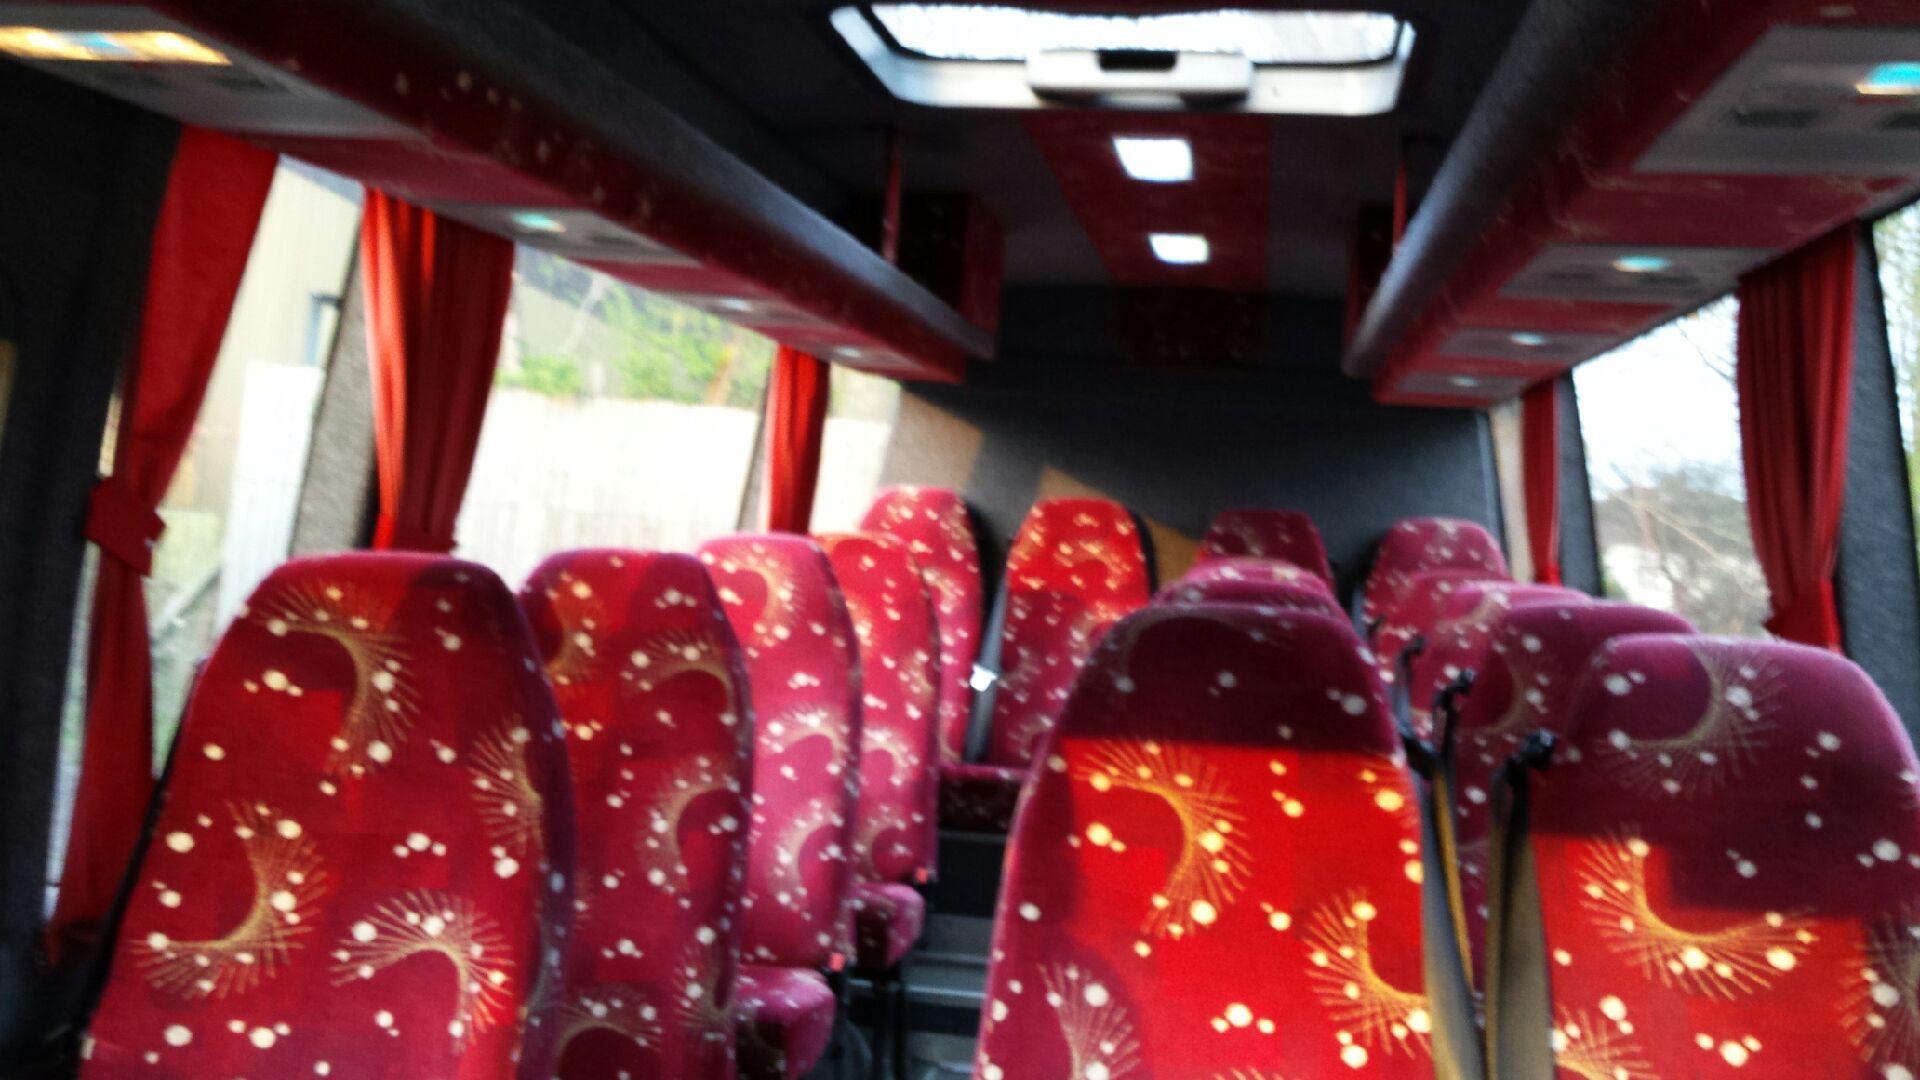 red minibus seats